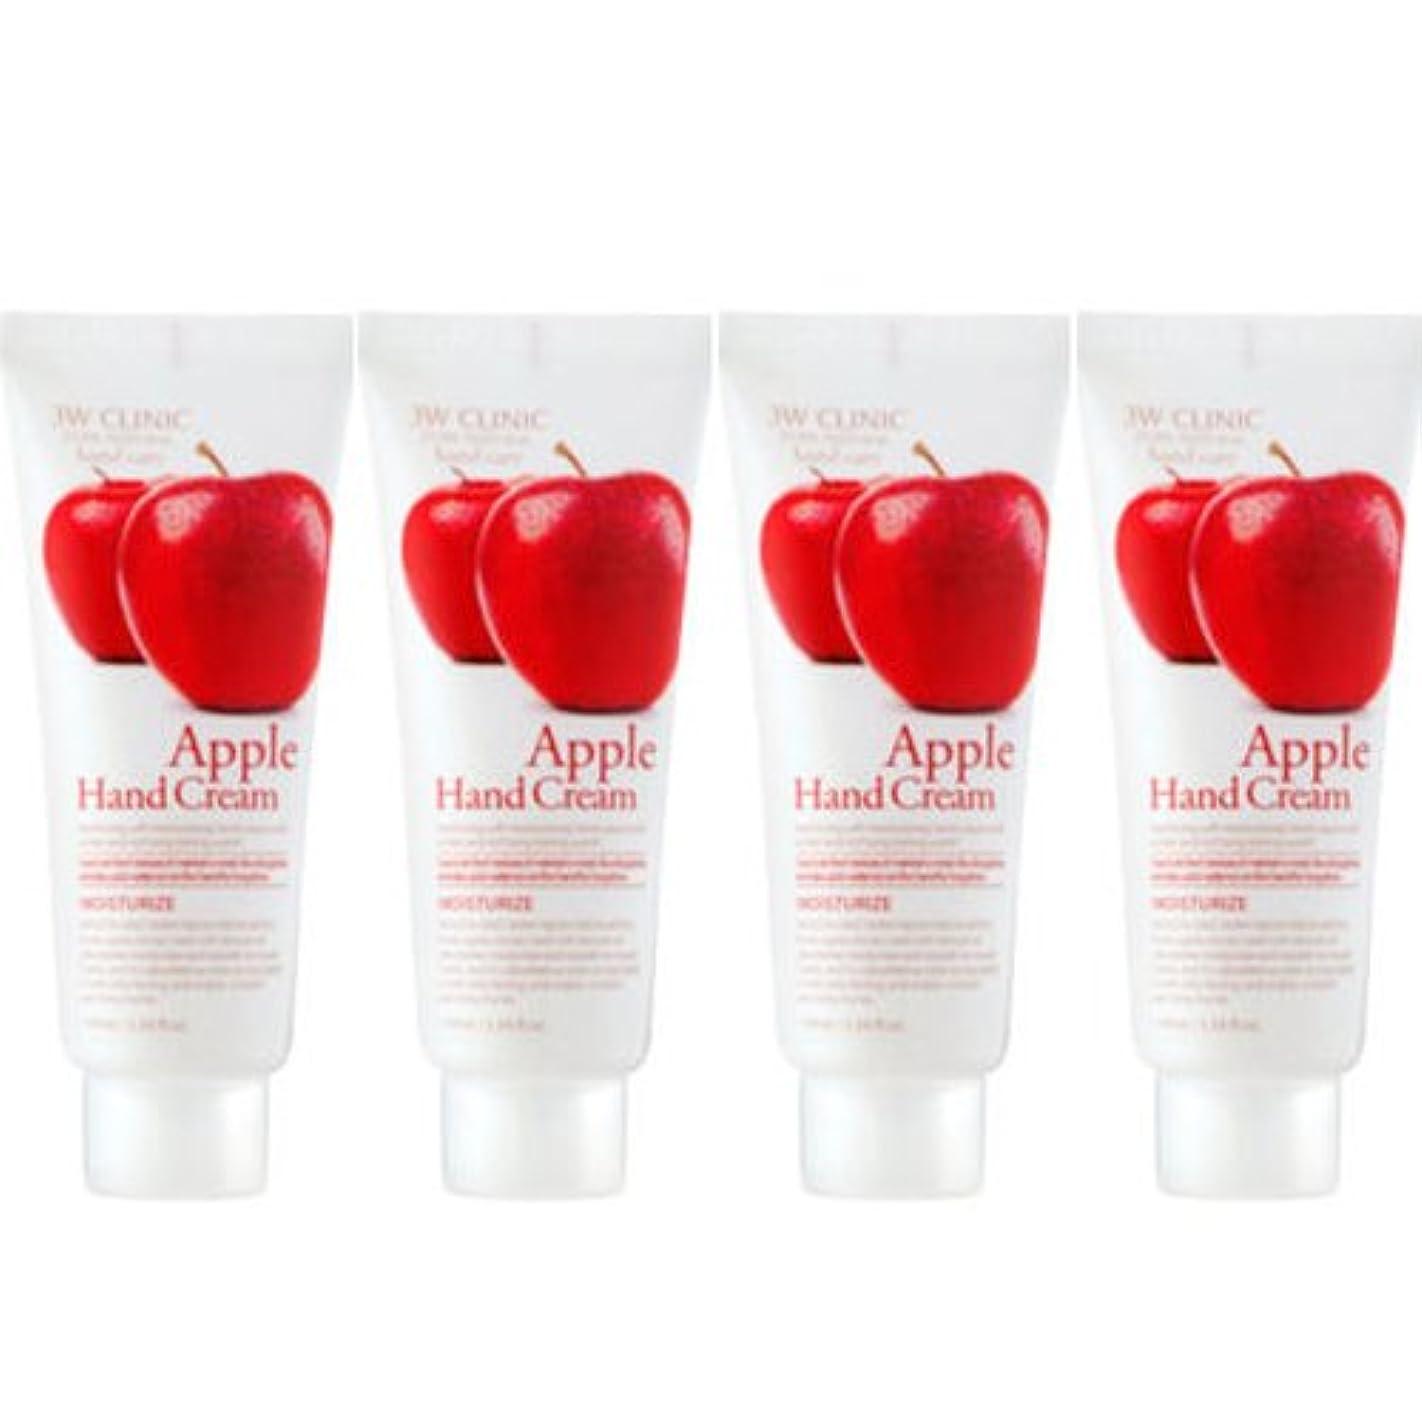 ペレグリネーションズーム無駄な3w Clinic[韓国コスメARRAHAN]Moisturizing Apple Hand Cream モイスチャーリングリンゴハンドクリーム100mlX4個 [並行輸入品]